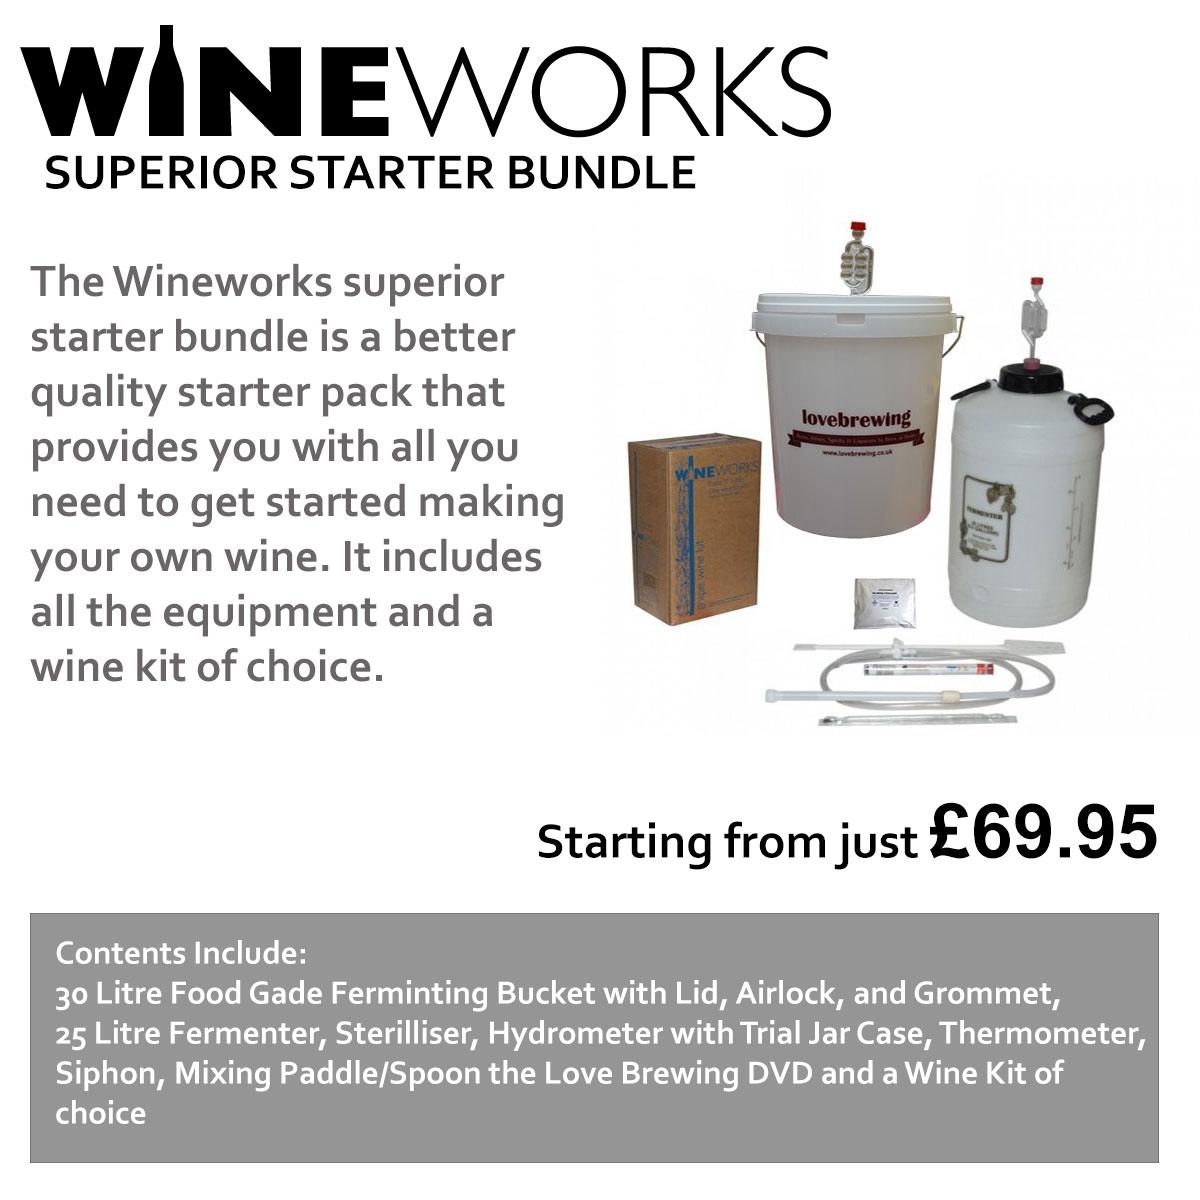 wineworks-superior-starter-bundle